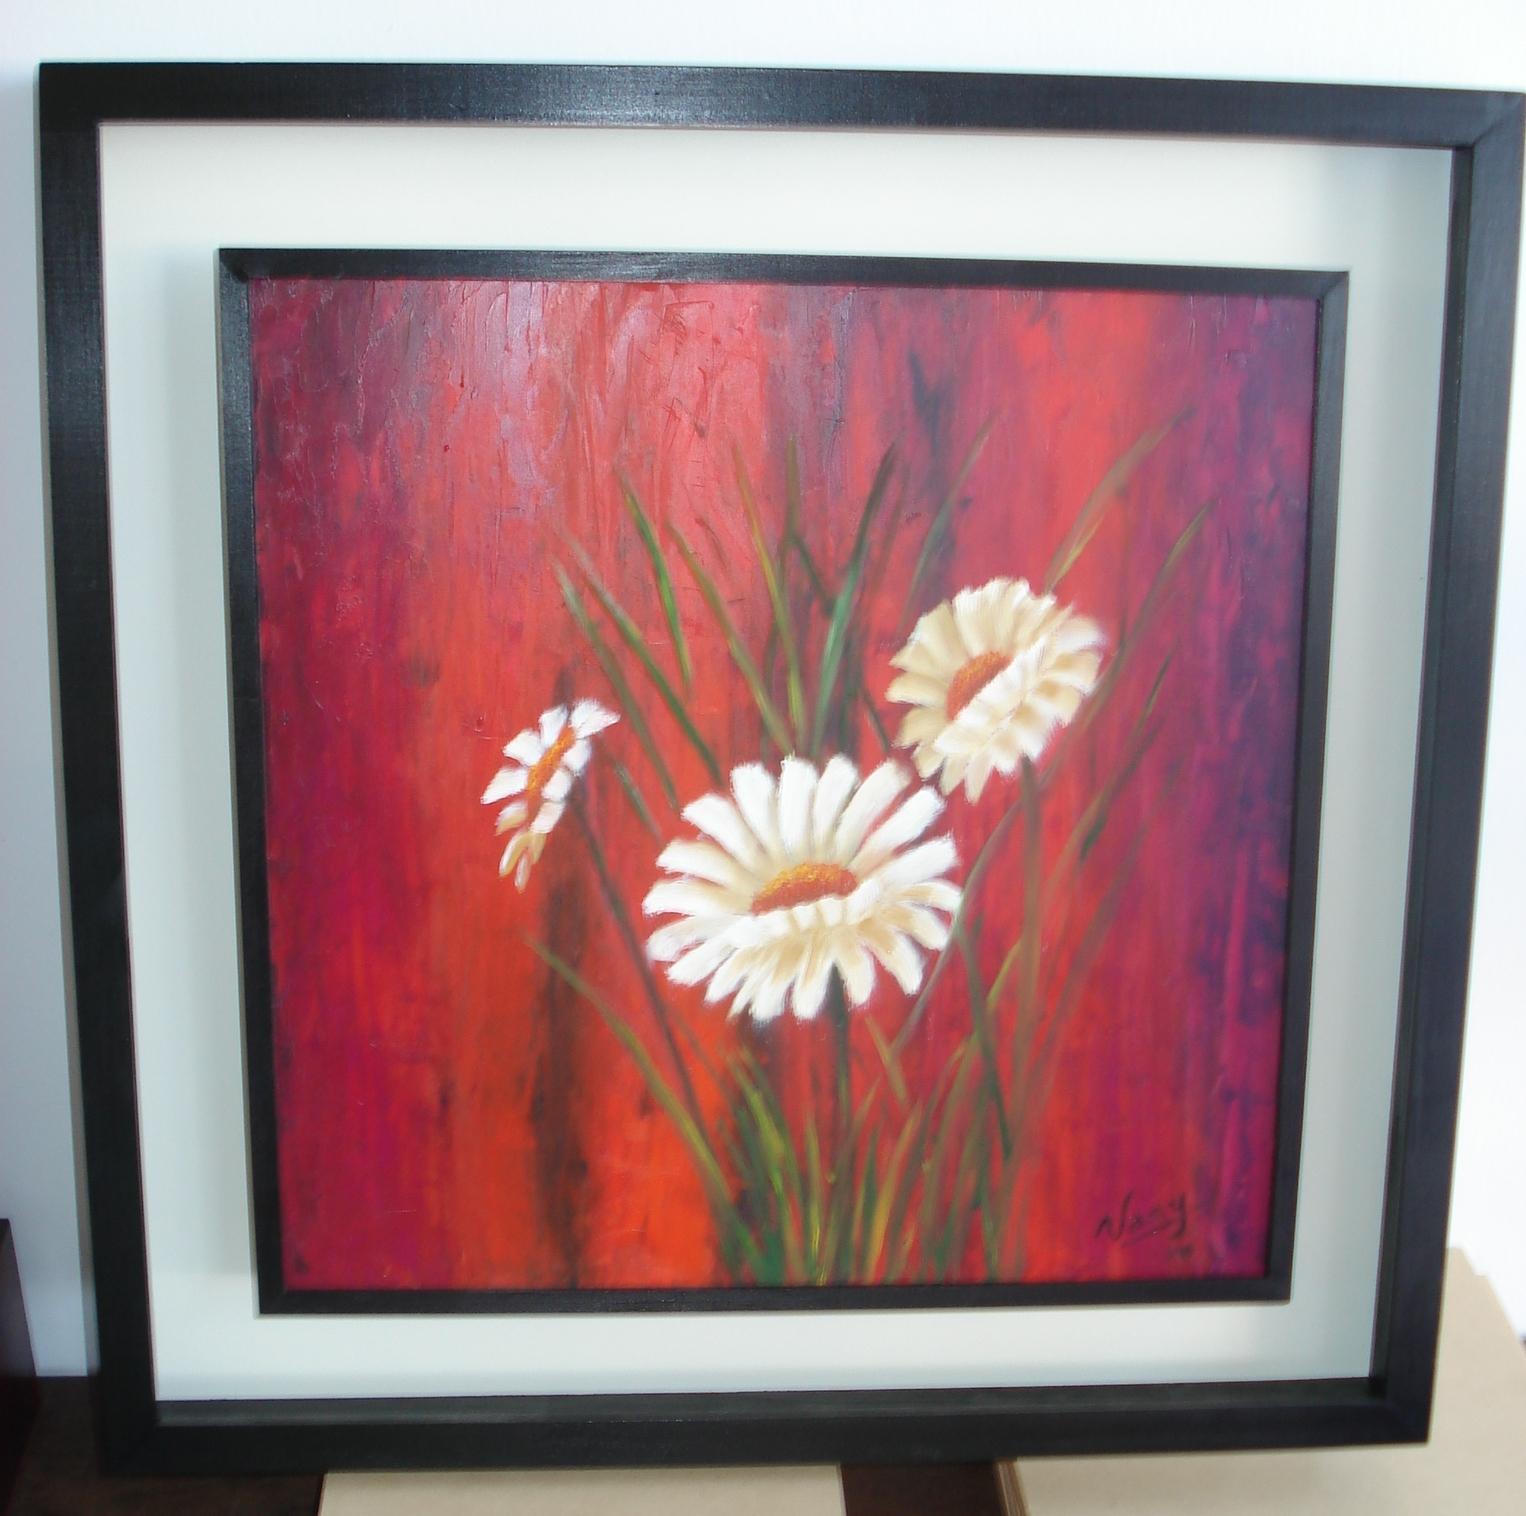 Vany mis cuadros cuadros pintados con oleo y acrilico - Fotos cuadros modernos ...